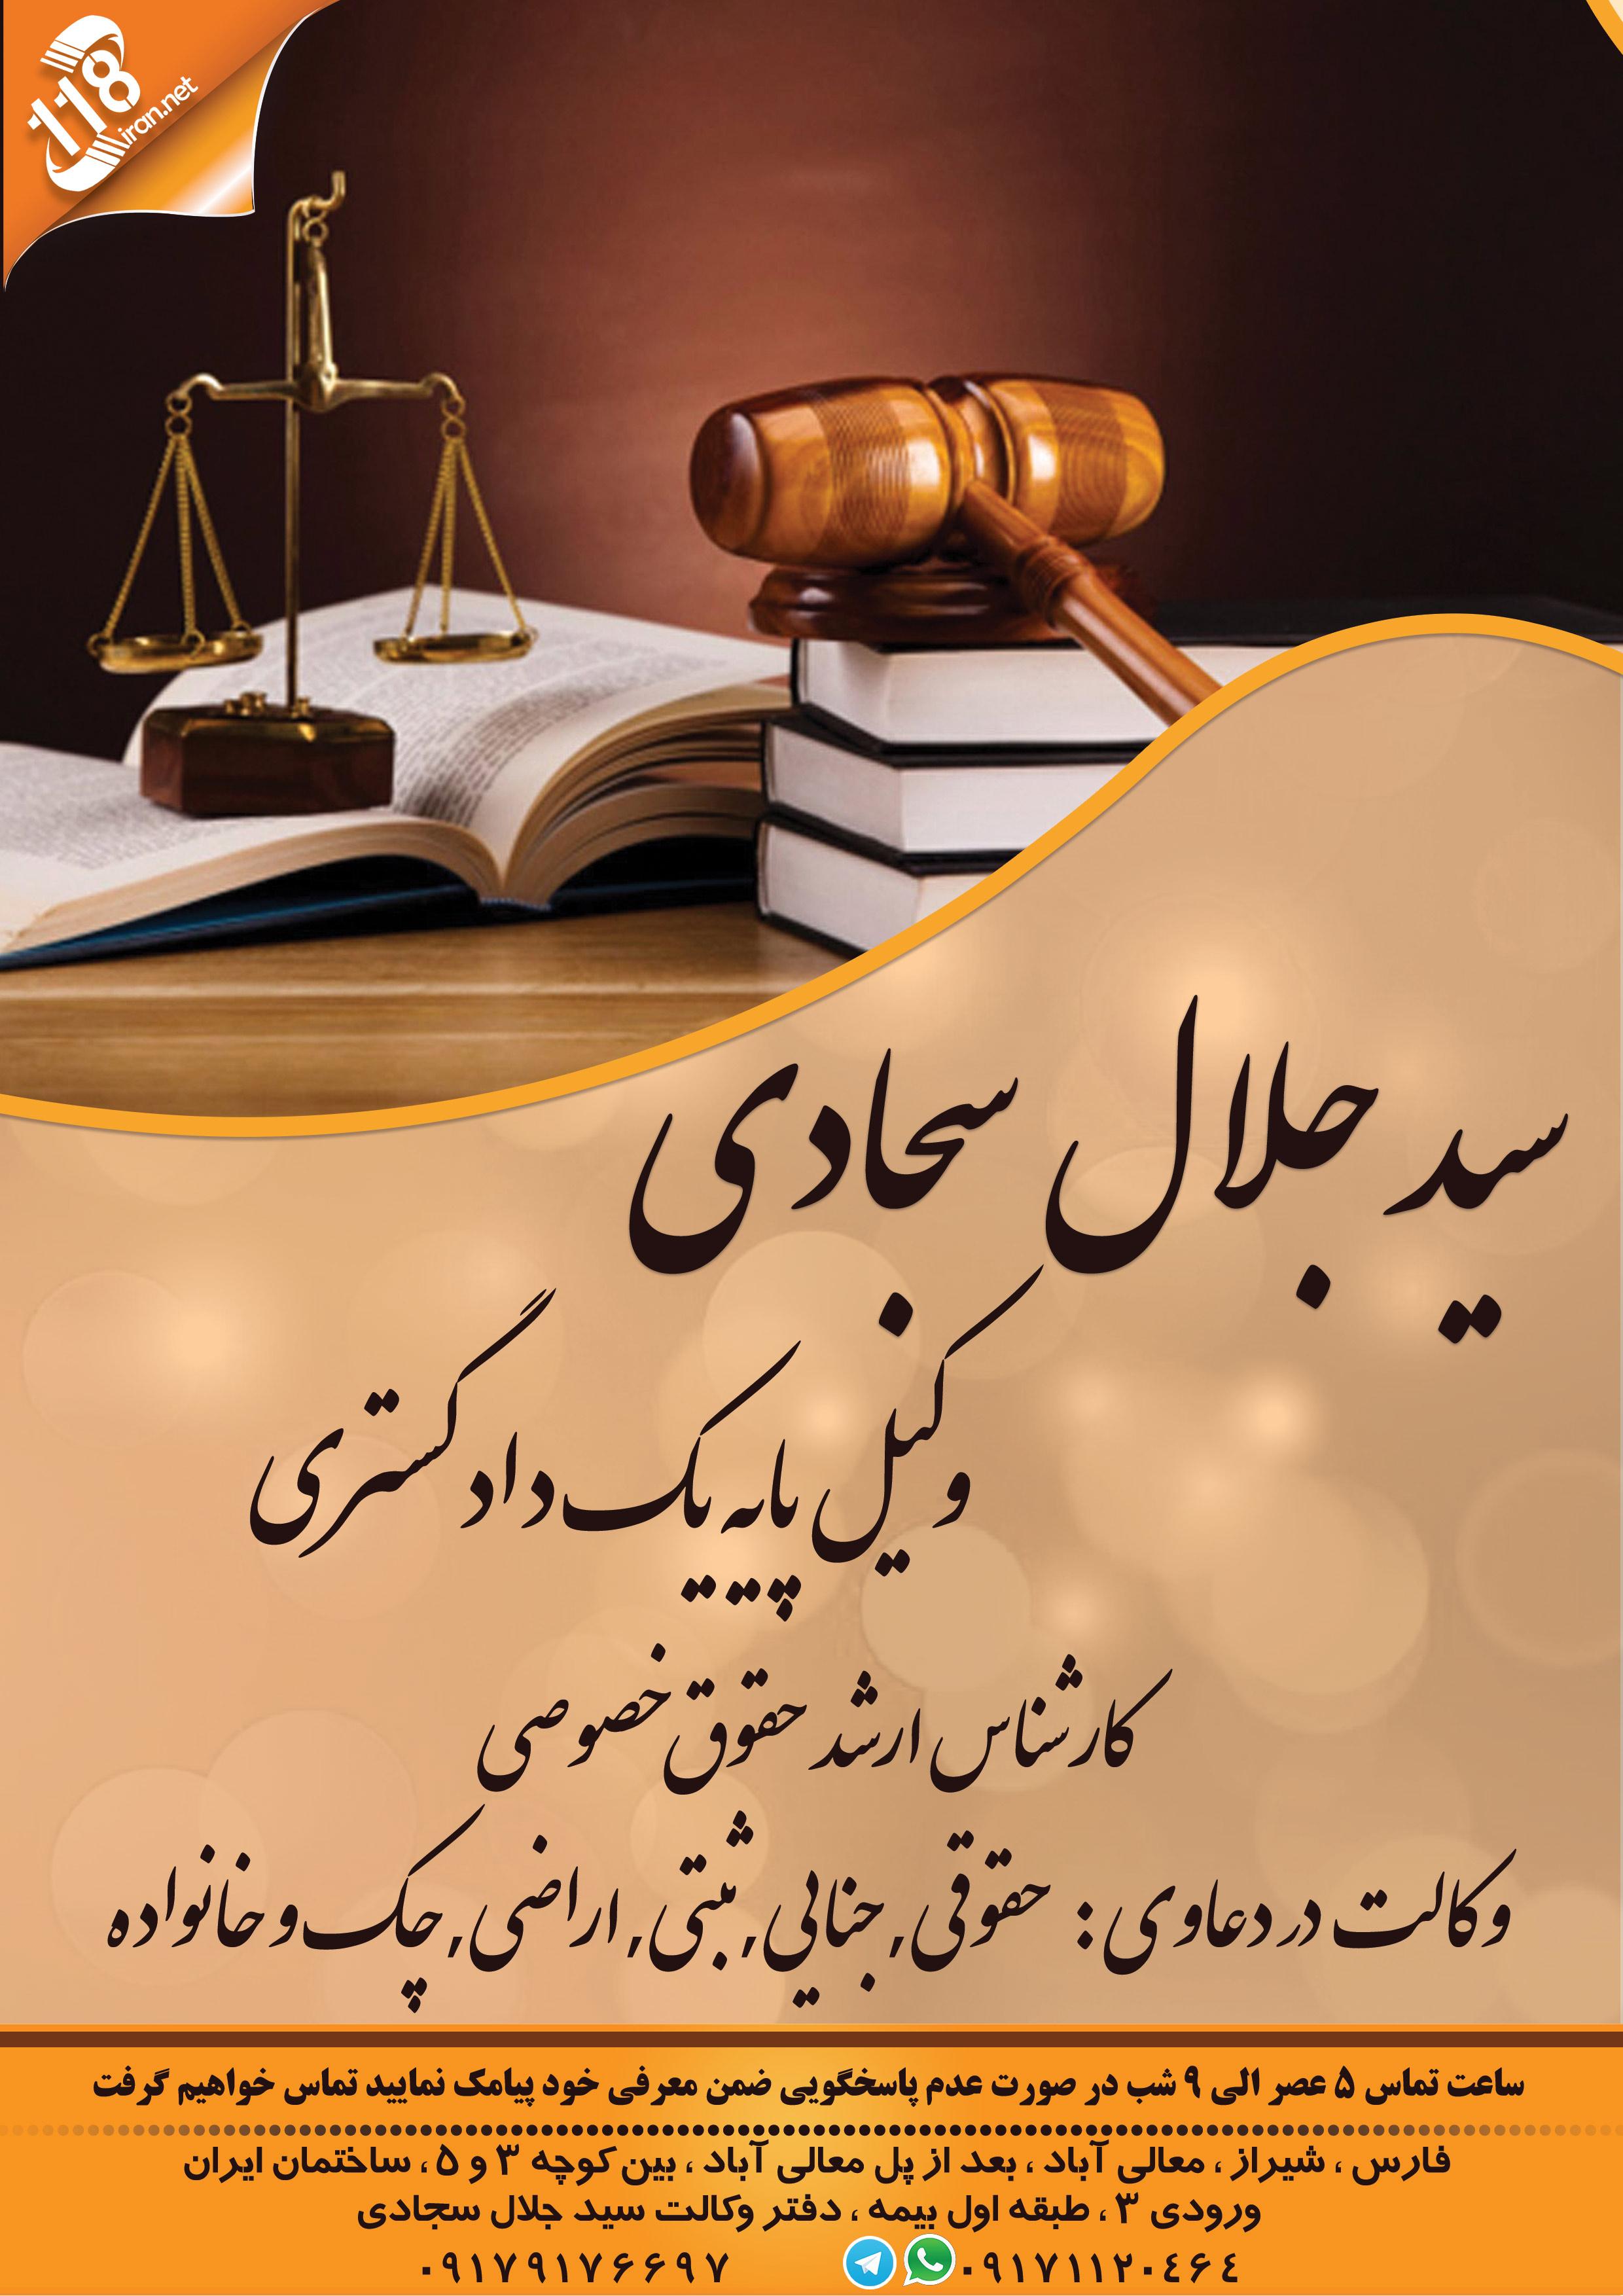 دفتر وکالت سید جلال سجادی در شیراز